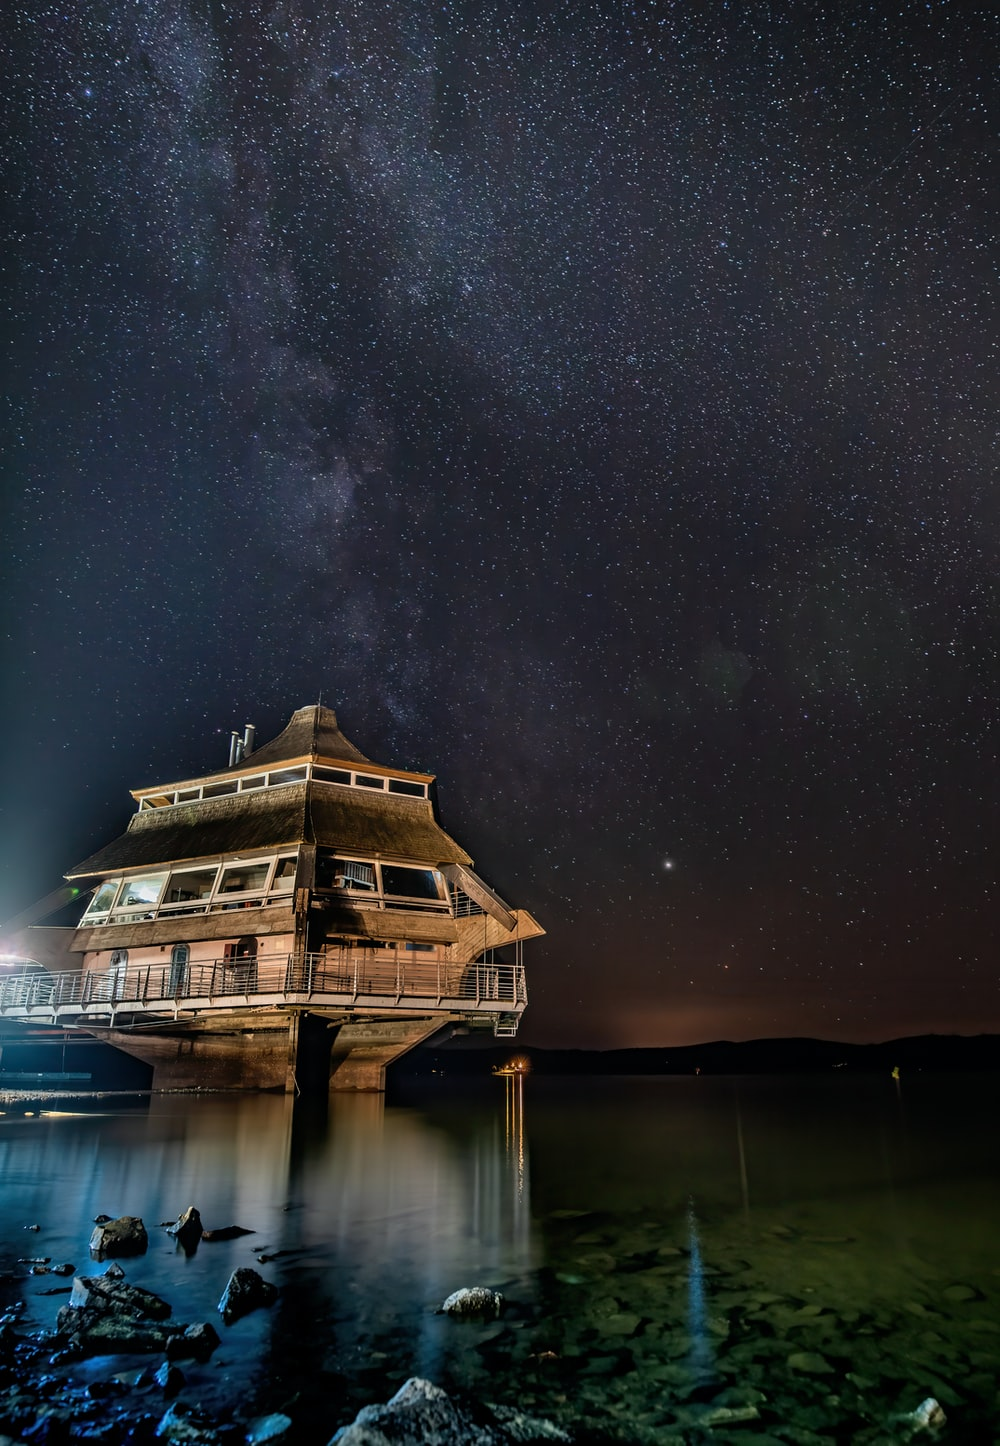 ship on ocean at night